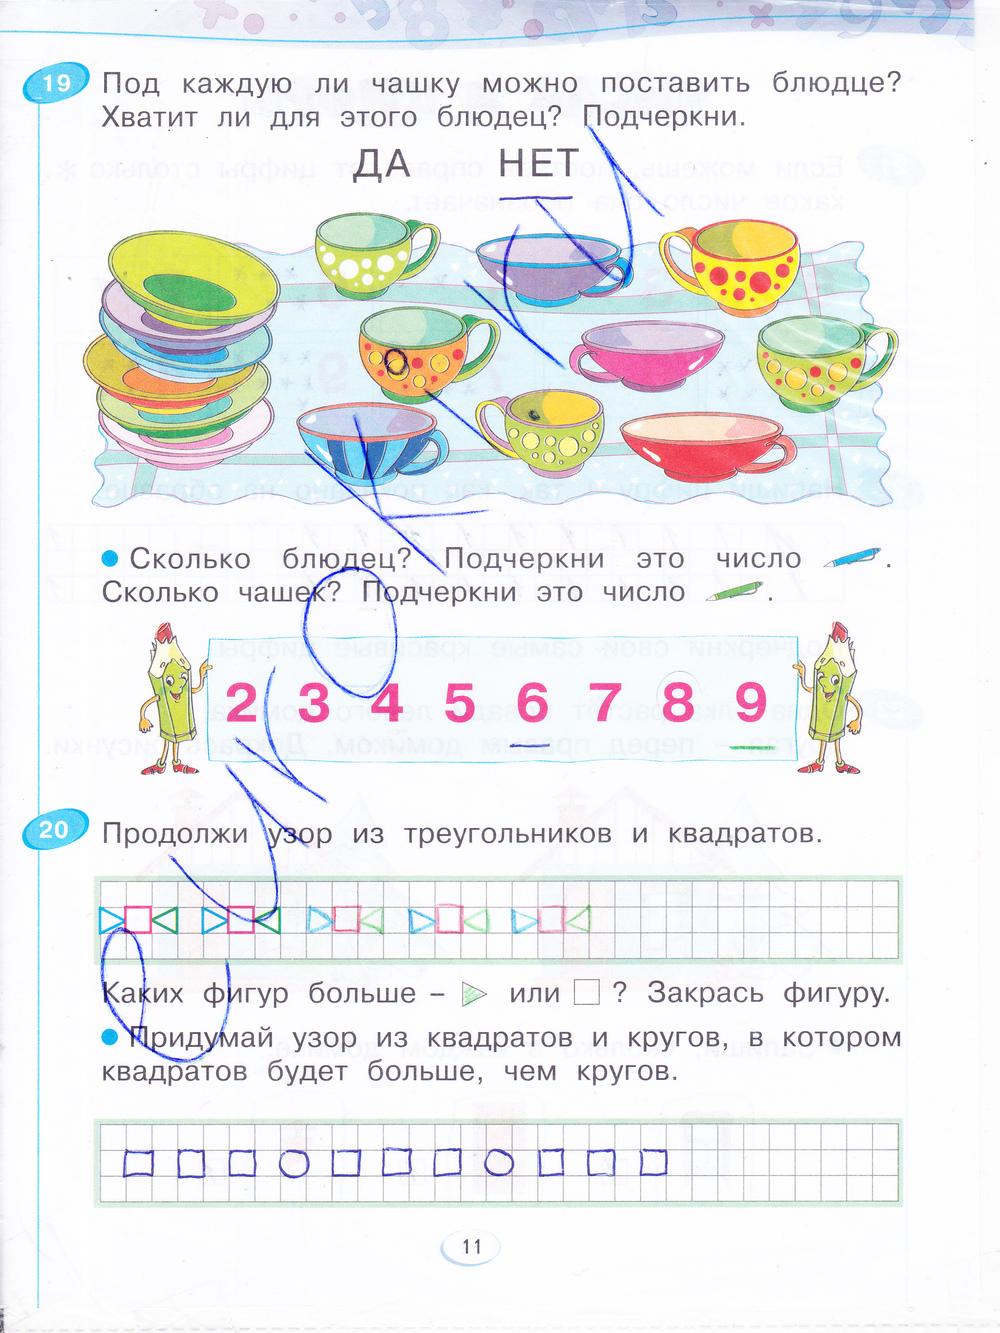 математике класс тетрадь рабочая 1 бененсон тетрадь рабочая итина гдз по 1